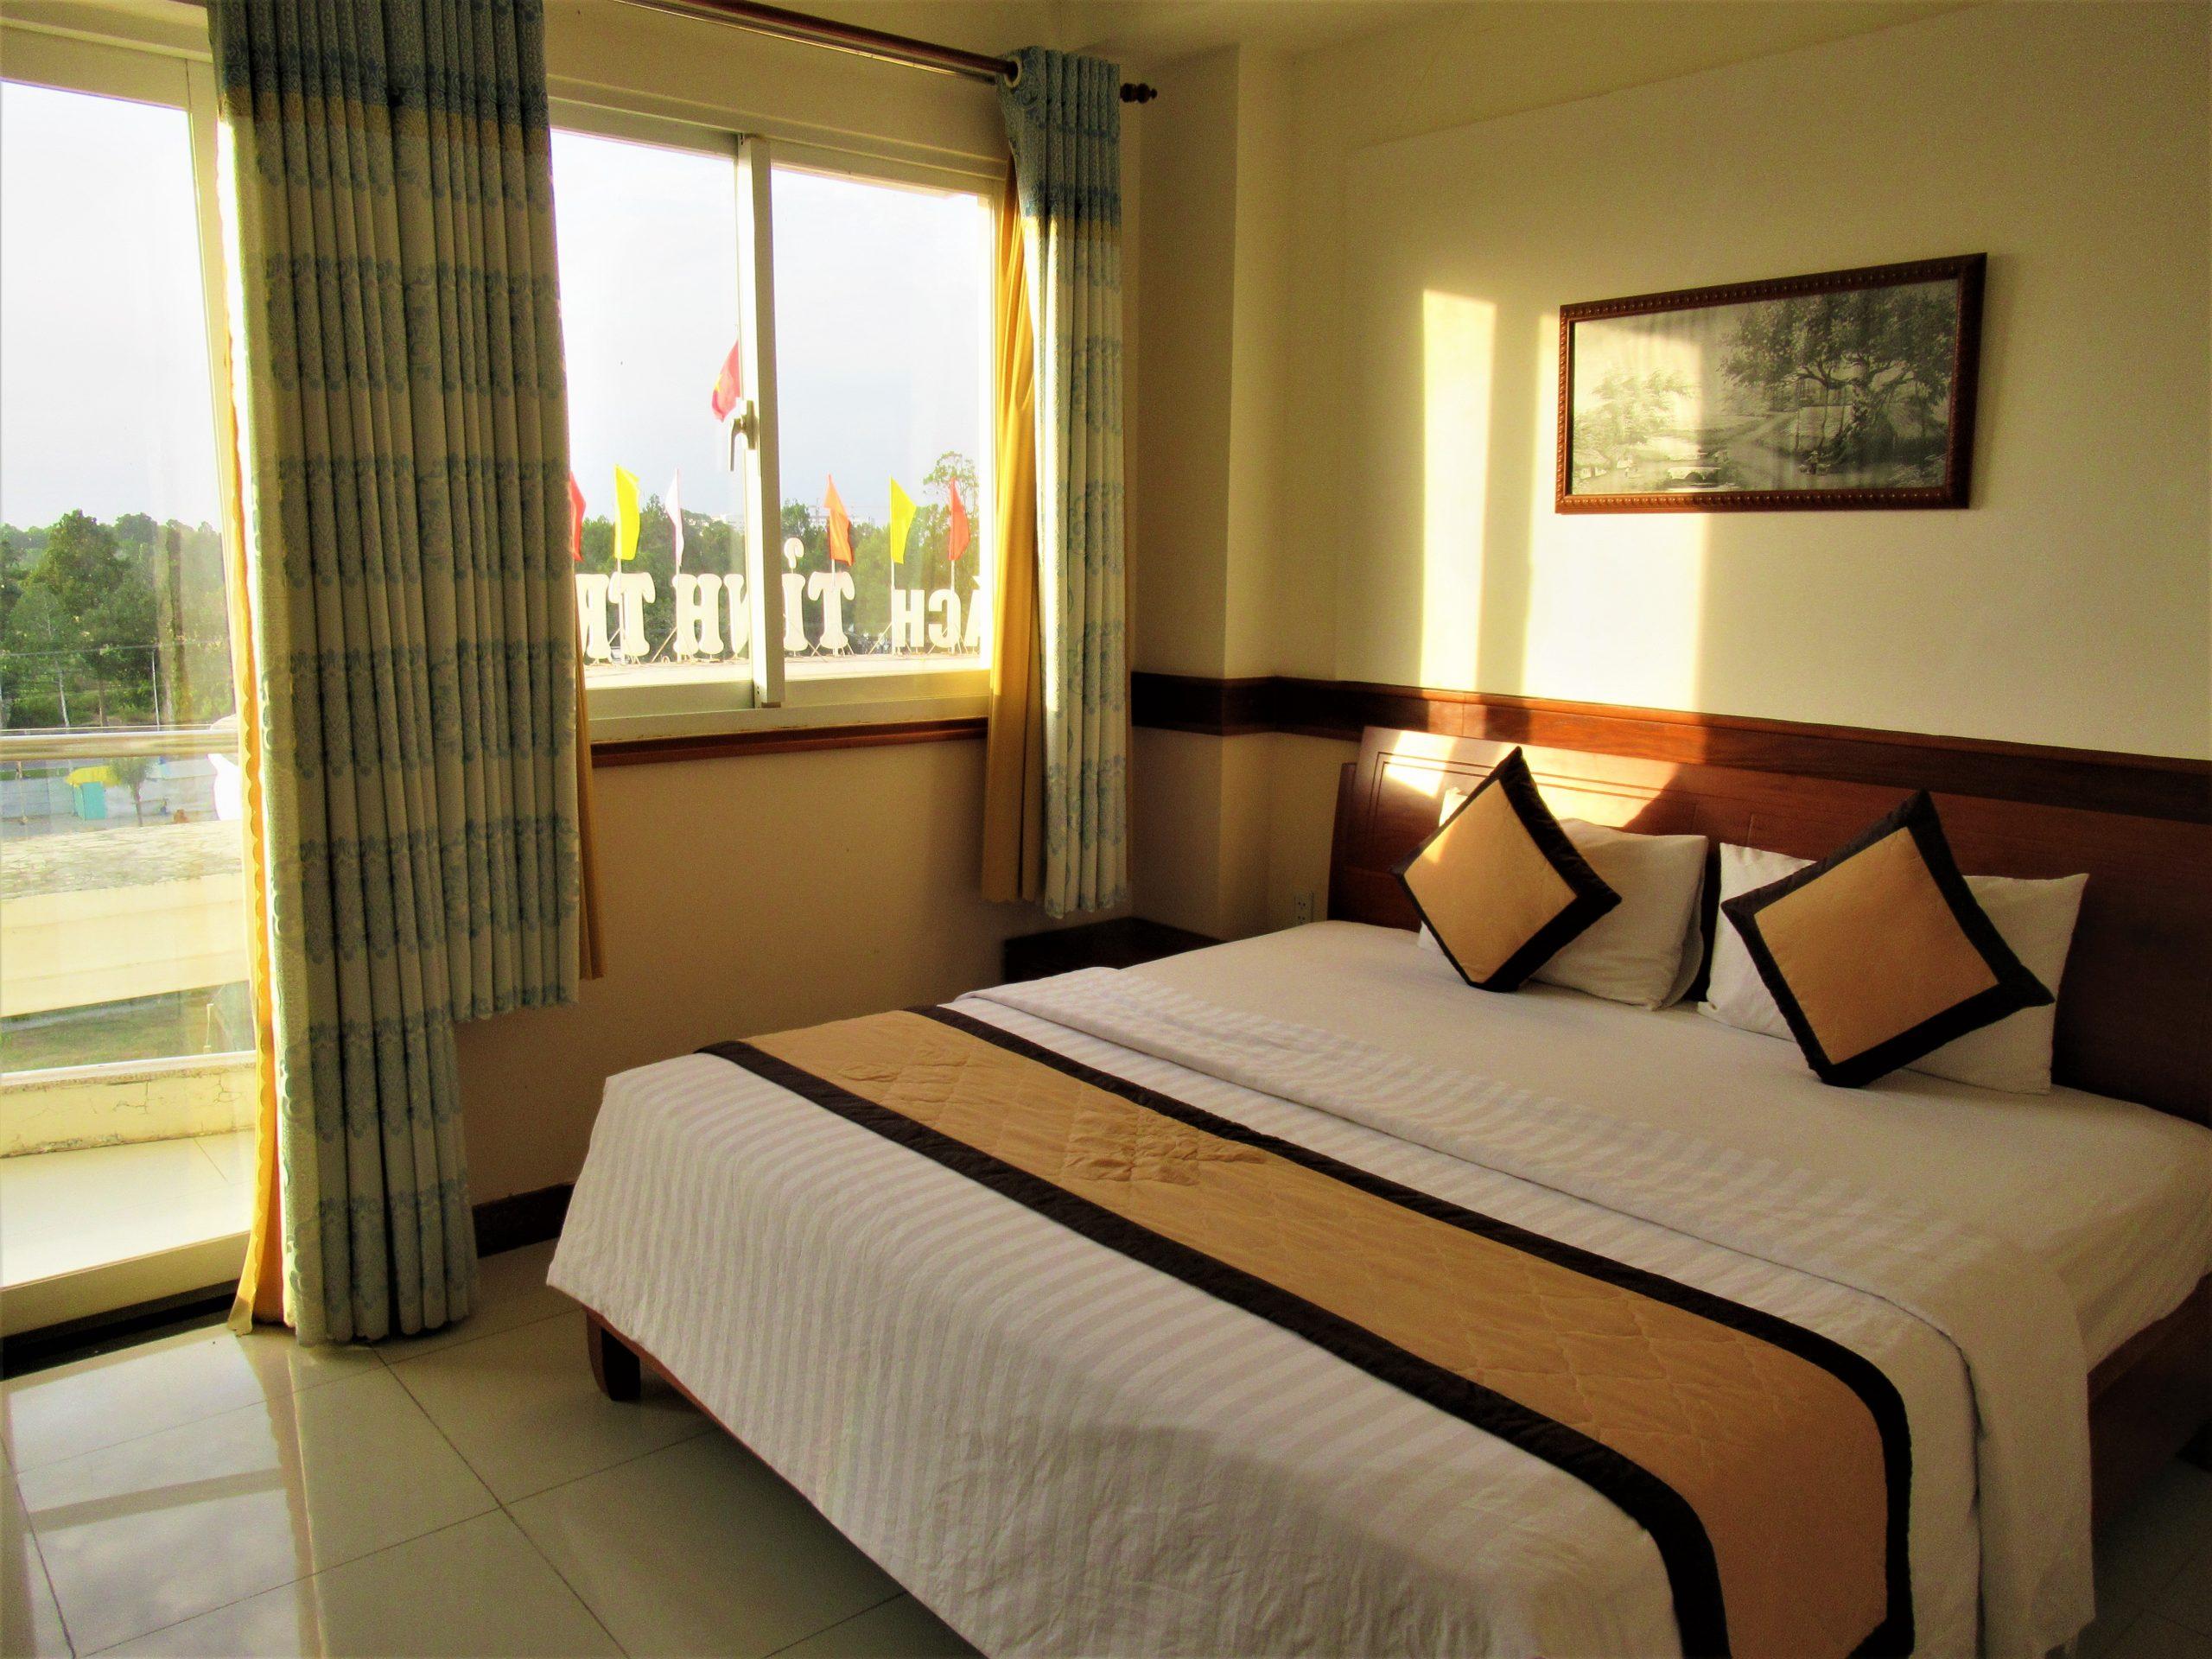 Hotel room in Tra Vinh City, Mekong Delta, Vietnam